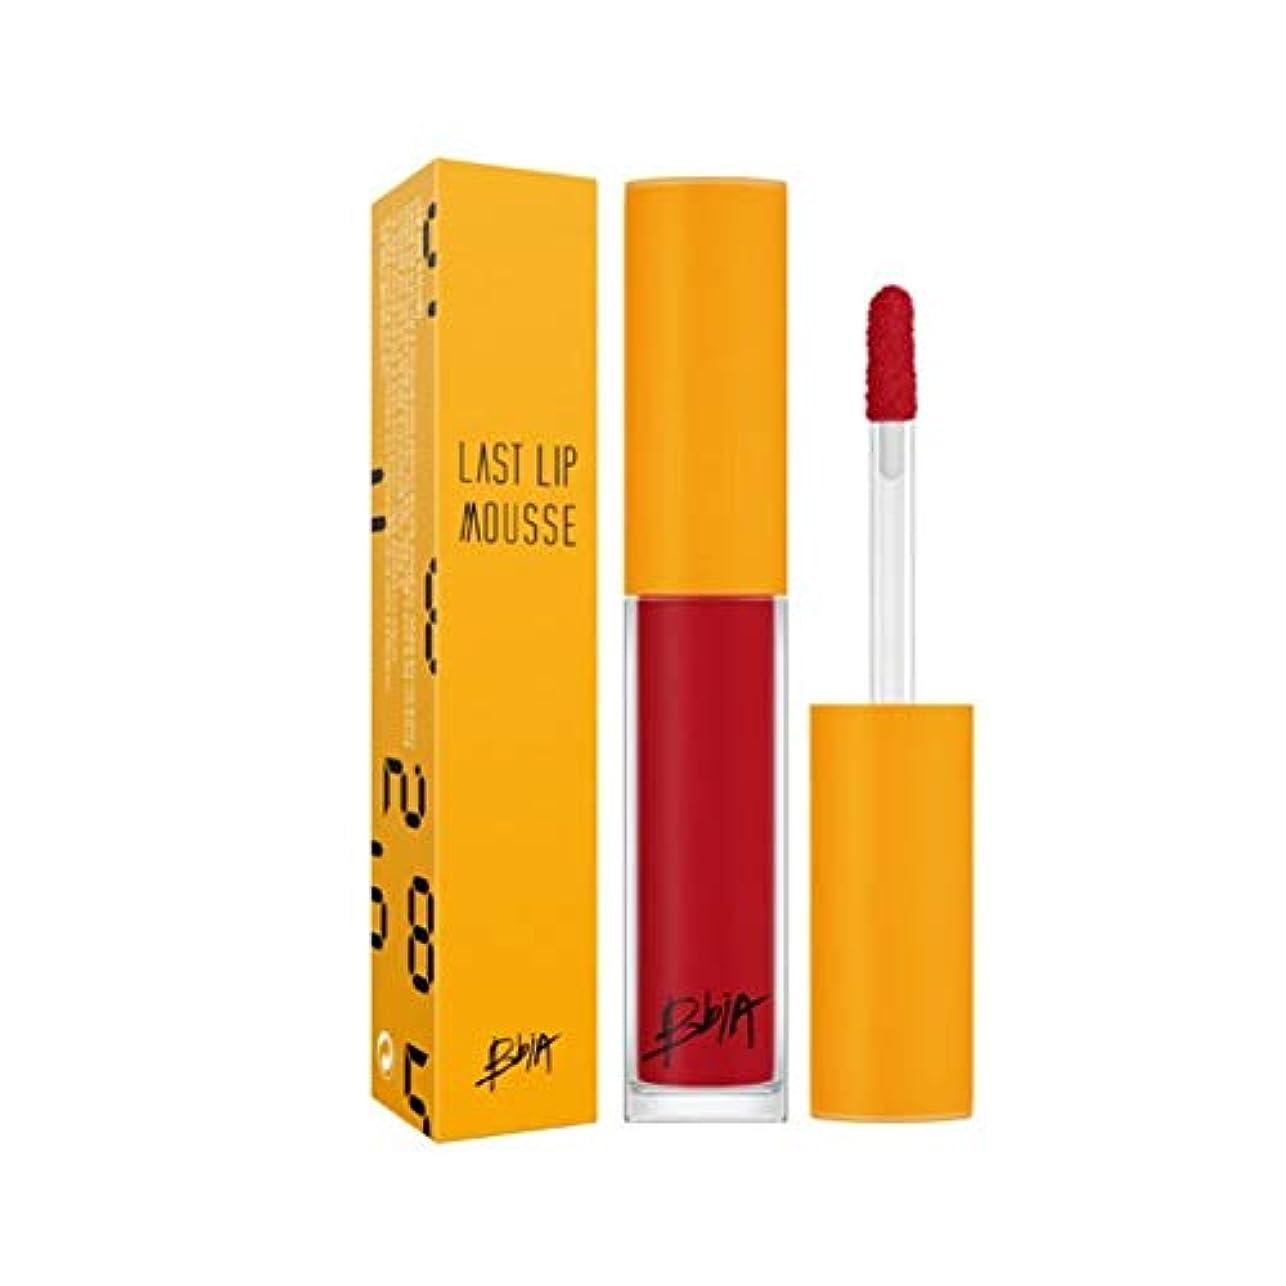 警告する賢明なサイズピアラストリップムース 5カラー韓国コスメ、Bbia Last Lip Mousse 5 Colors Korean Cosmetics [並行輸入品] (3535 red)